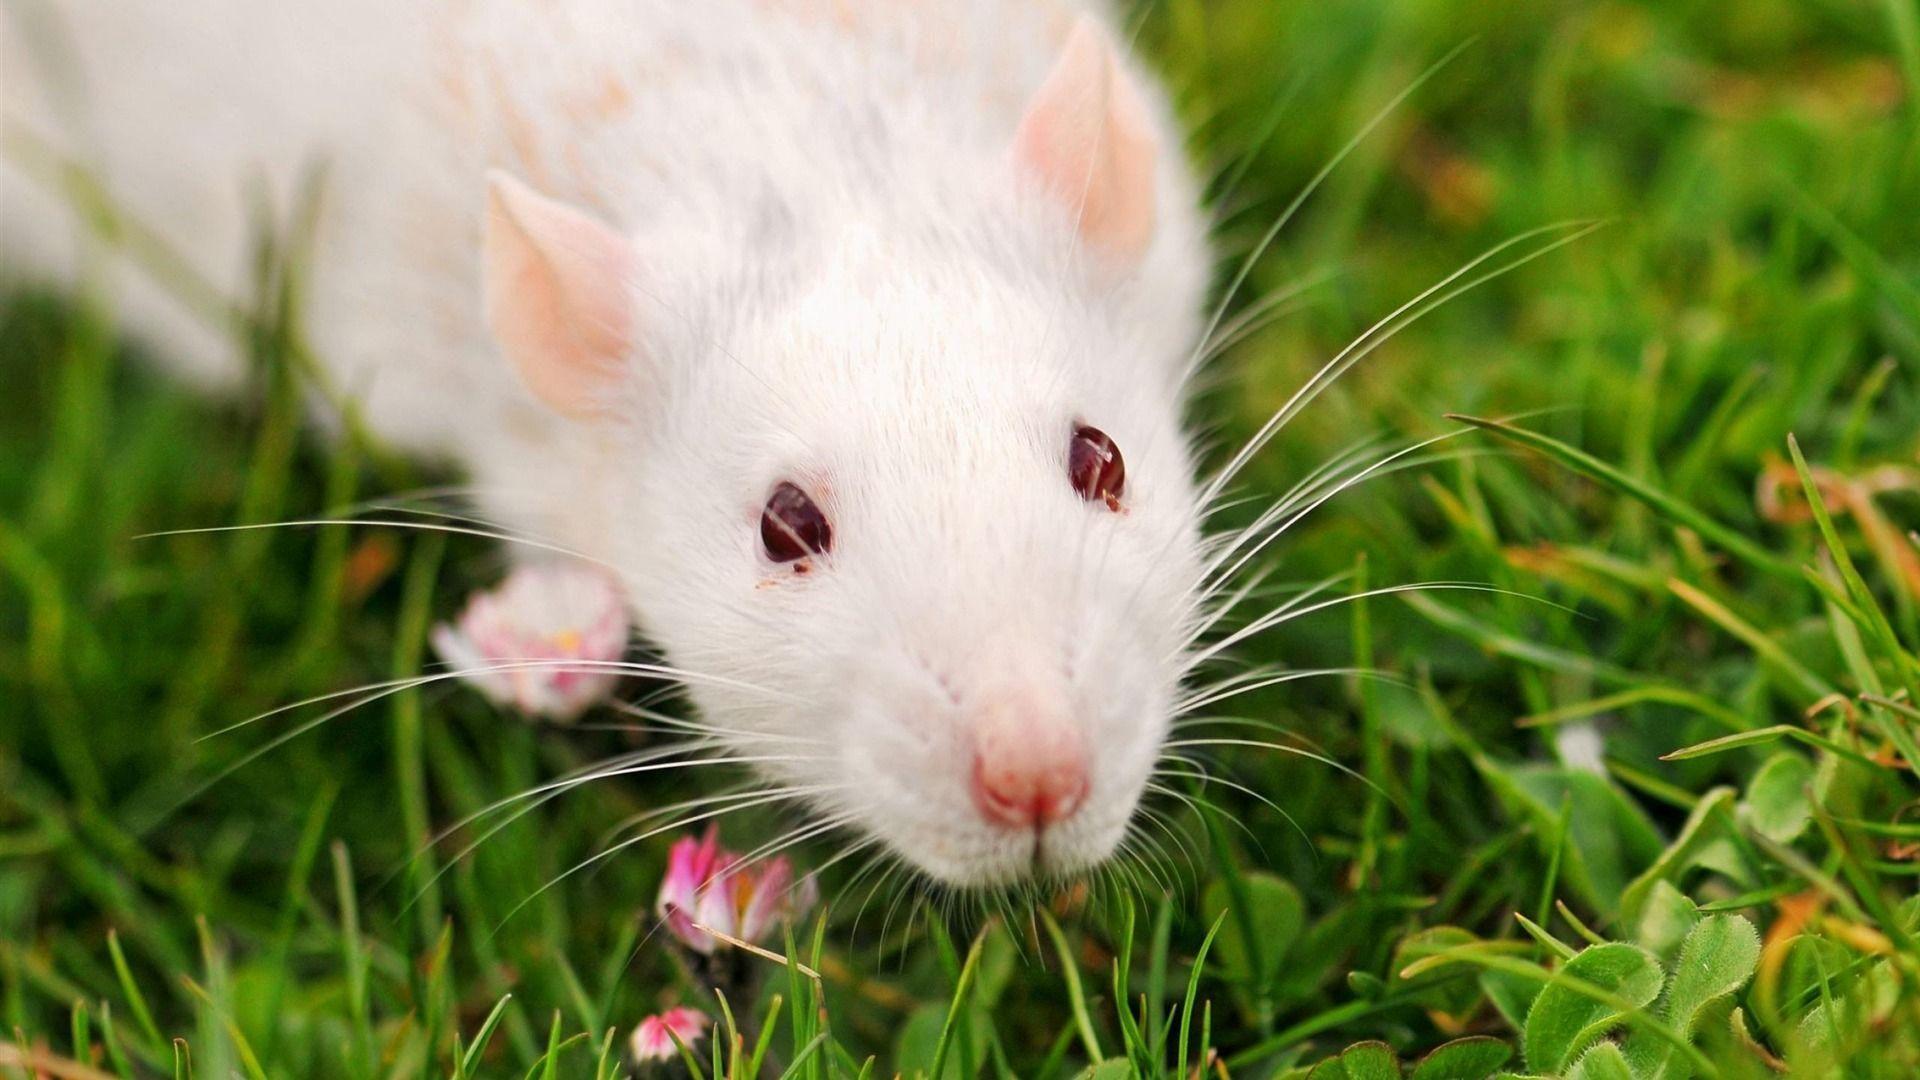 White Metal Rat Image